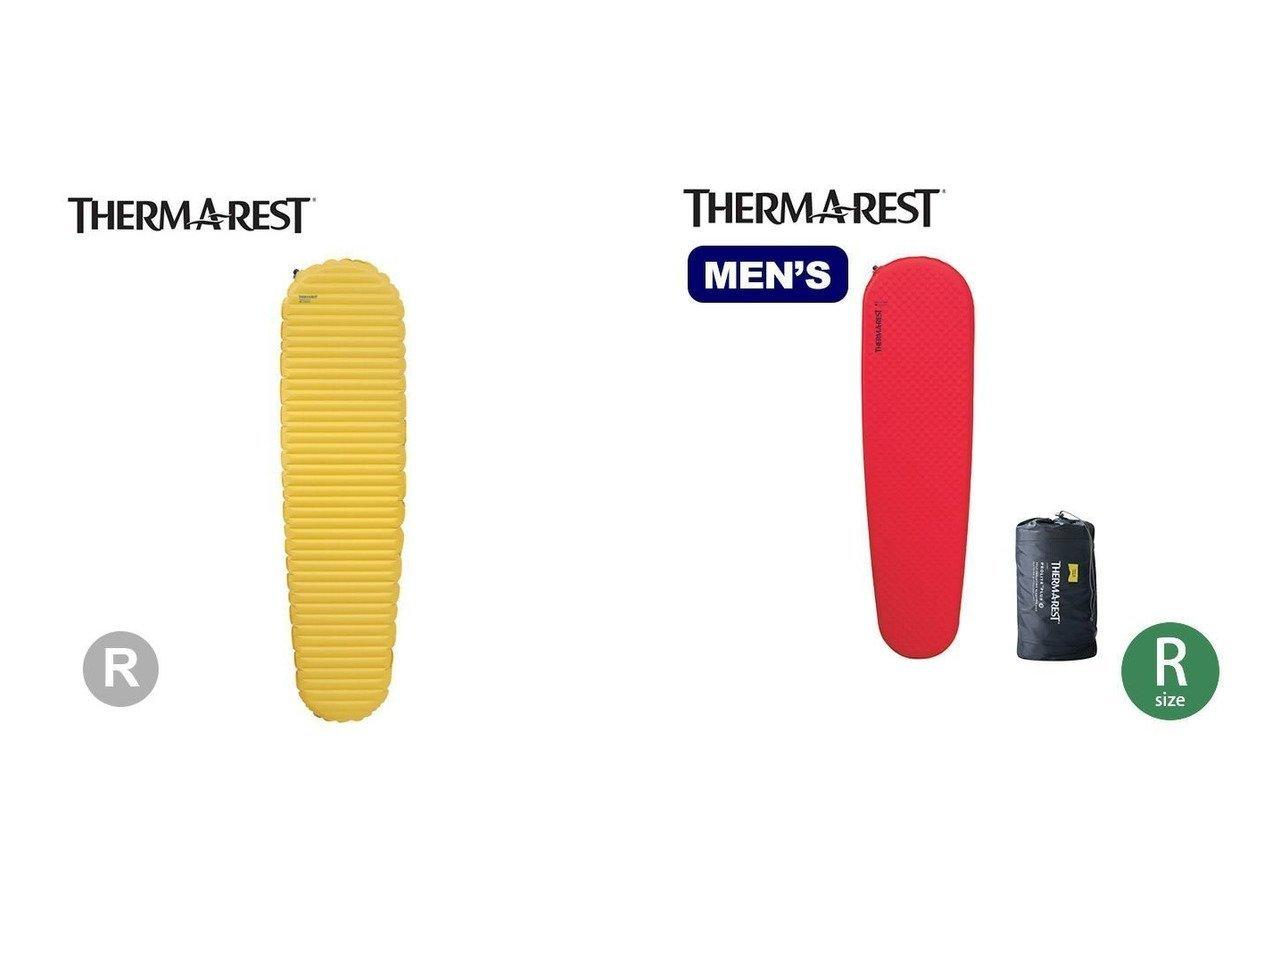 【THERM-A-REST/サーマレスト】のプロライトプラス R カイエン(男性用)&ネオエアーXライト R おすすめ!人気キャンプ・アウトドア用品の通販 おすすめで人気の流行・トレンド、ファッションの通販商品 インテリア・家具・メンズファッション・キッズファッション・レディースファッション・服の通販 founy(ファニー) https://founy.com/ クッション コンパクト スタンダード フォーム 軽量 ホーム・キャンプ・アウトドア Home,Garden,Outdoor,Camping Gear キャンプ用品・アウトドア  Camping Gear & Outdoor Supplies その他 雑貨 小物 Camping Tools |ID:crp329100000047710